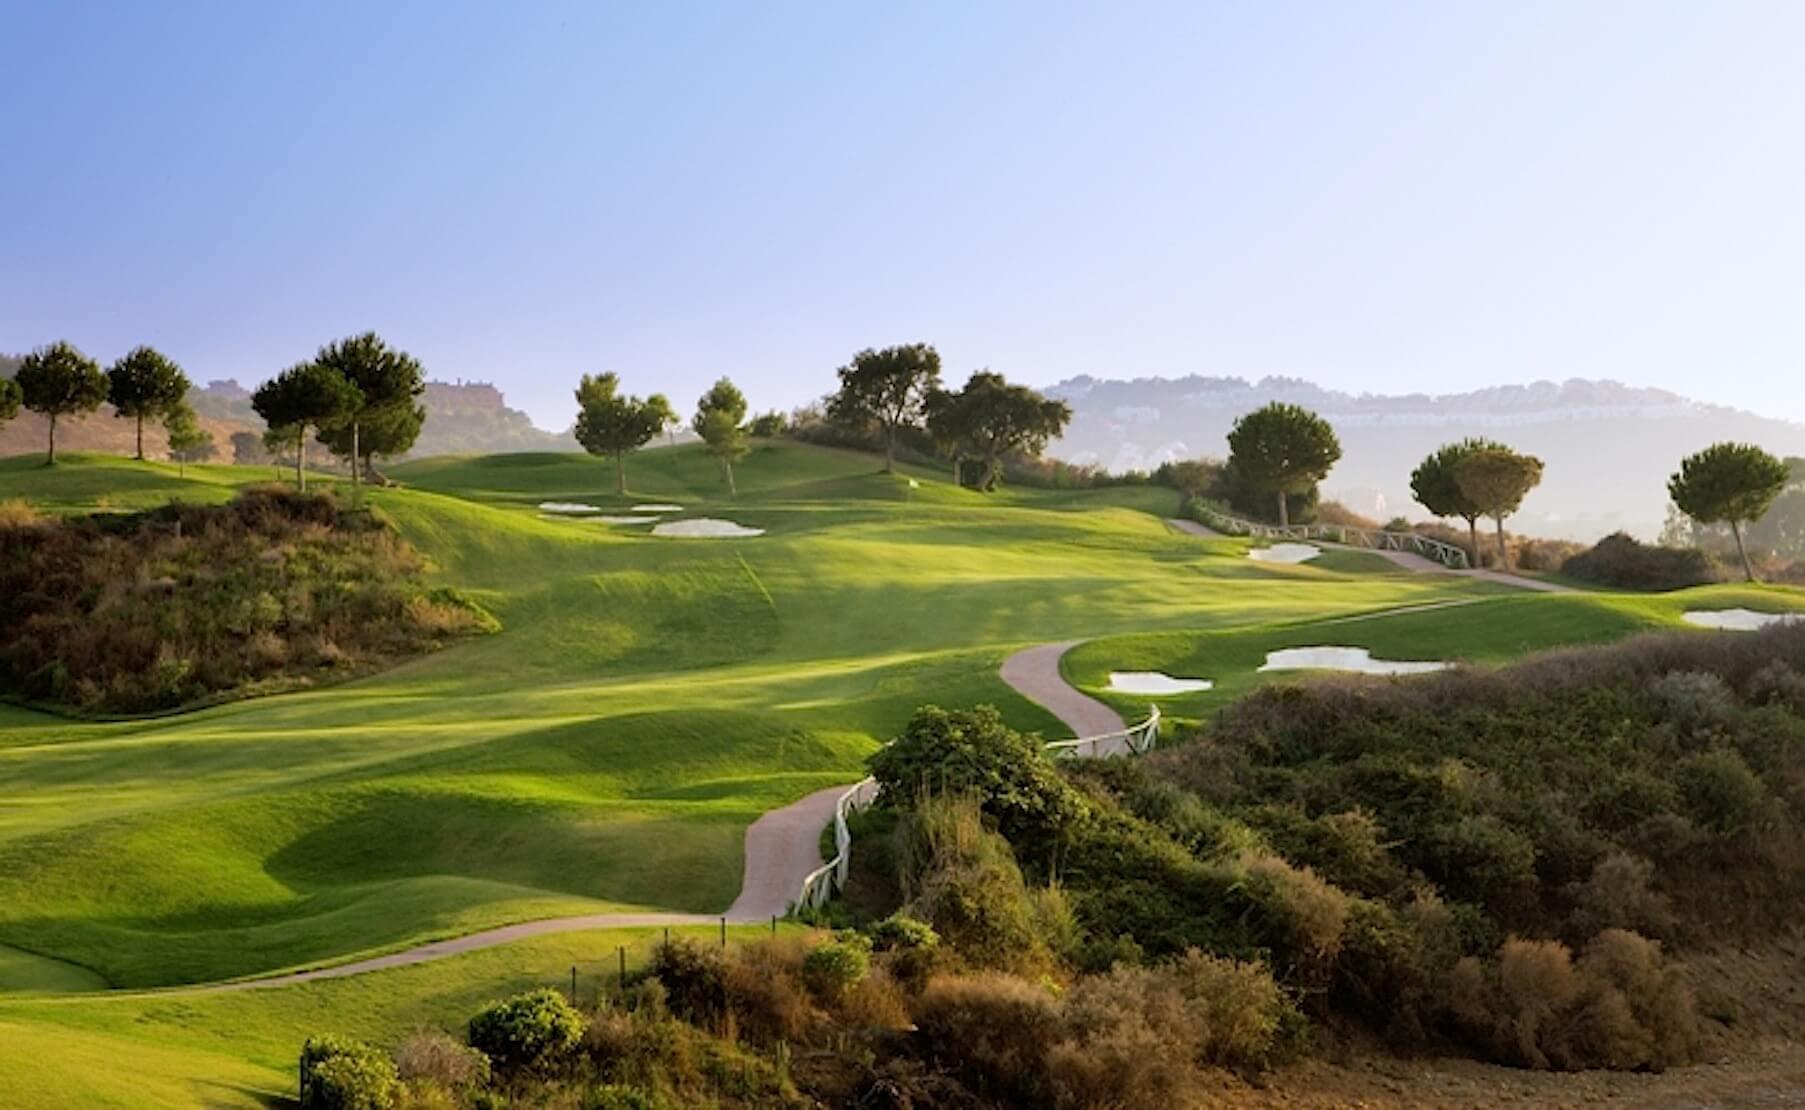 https://bubo.sk/uploads/galleries/5051/costa-del-sol-golf-holidays-main-3.jpg